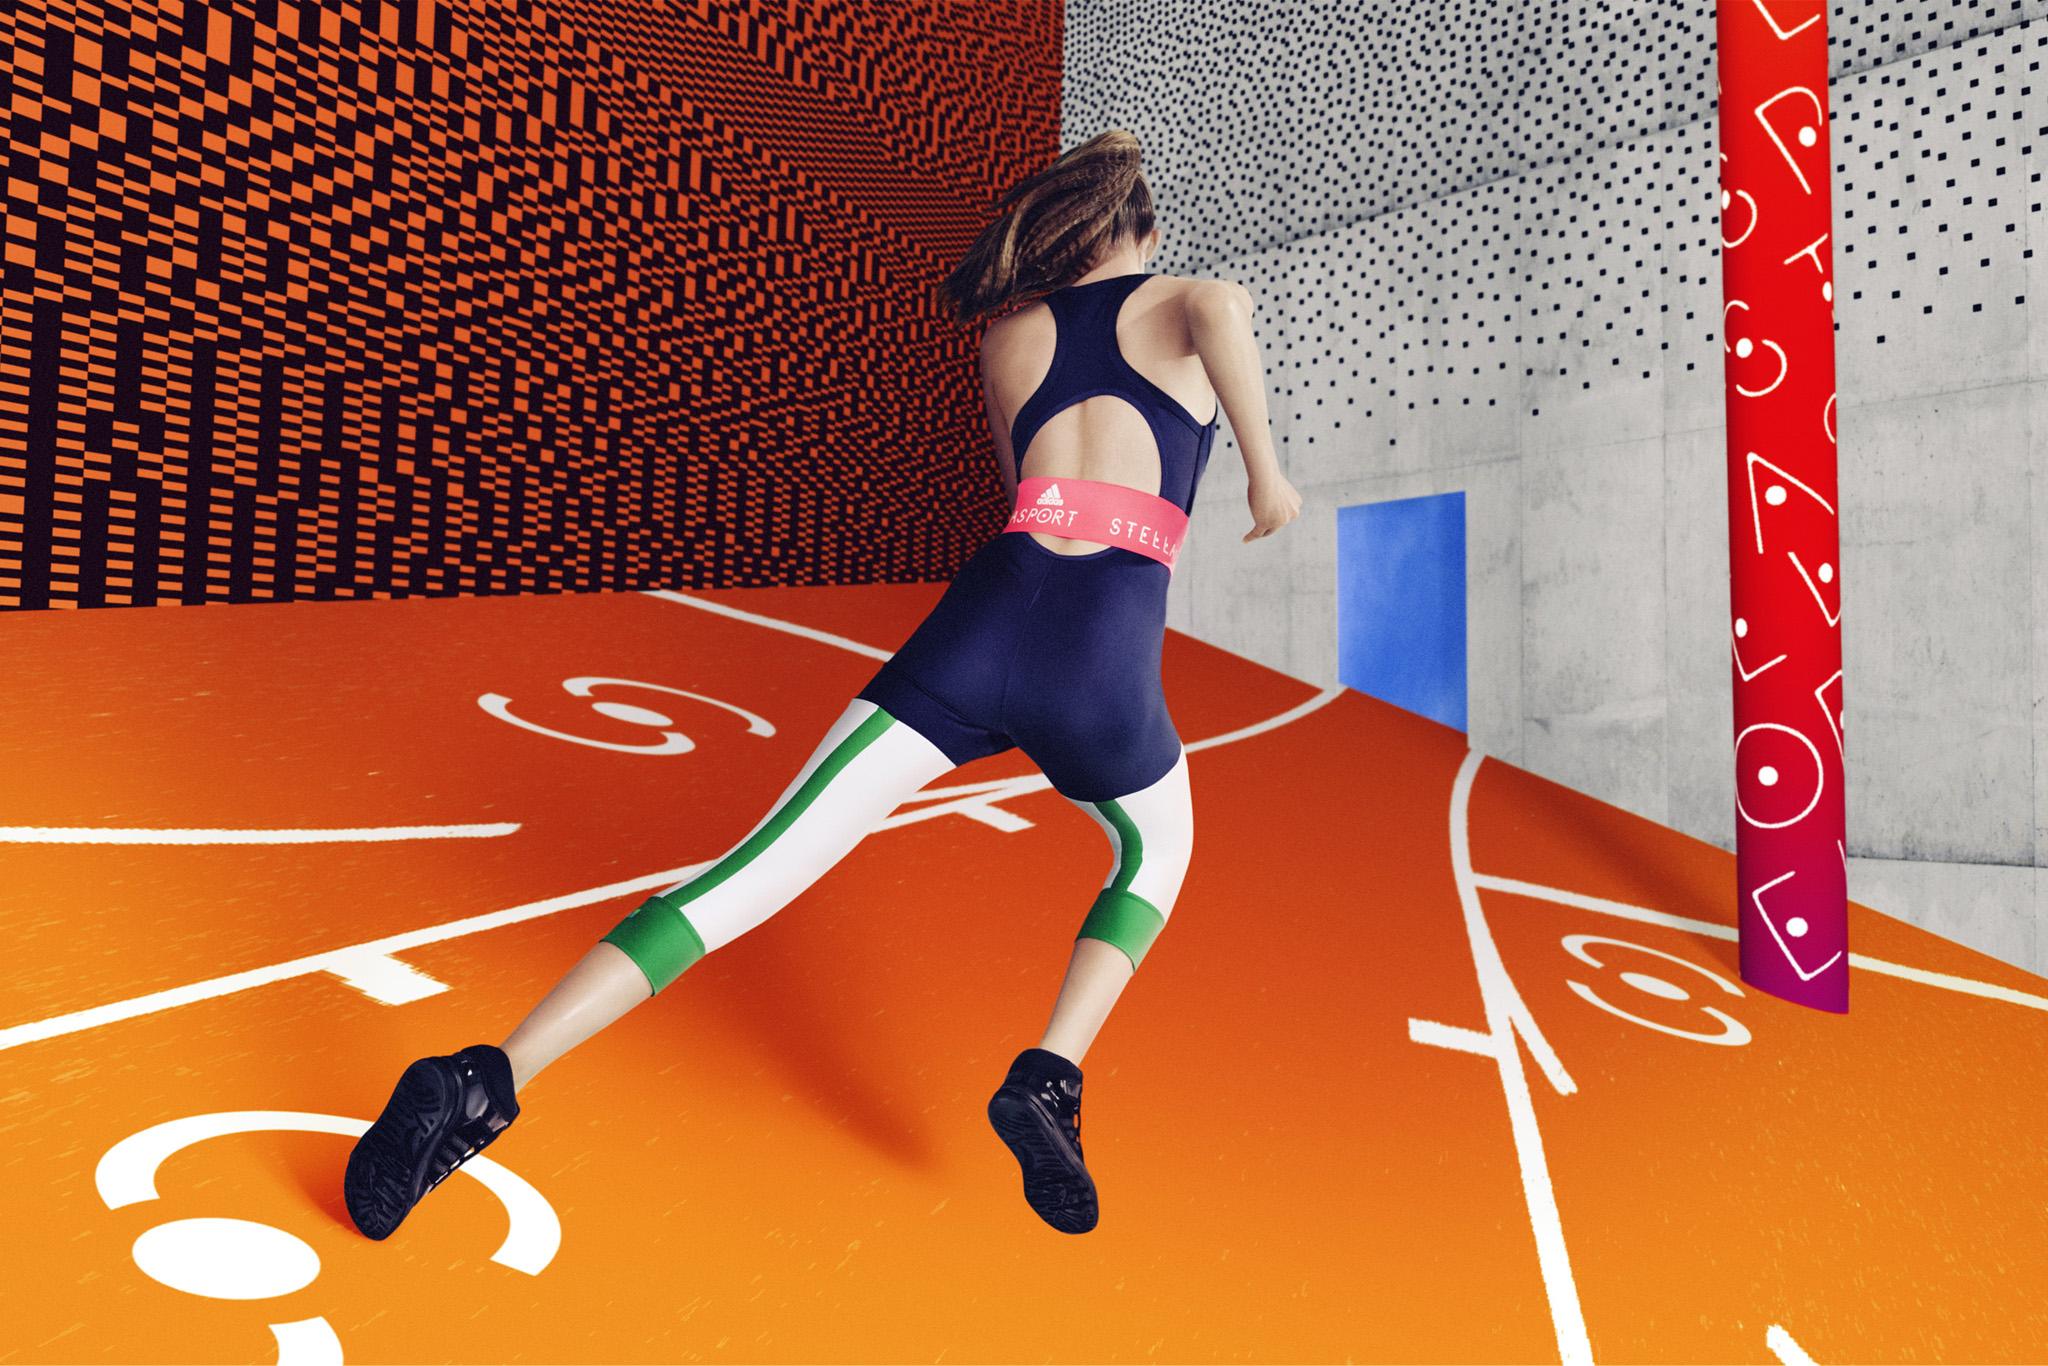 adidas_StellaSport_SS15_04_300dpi.jpg